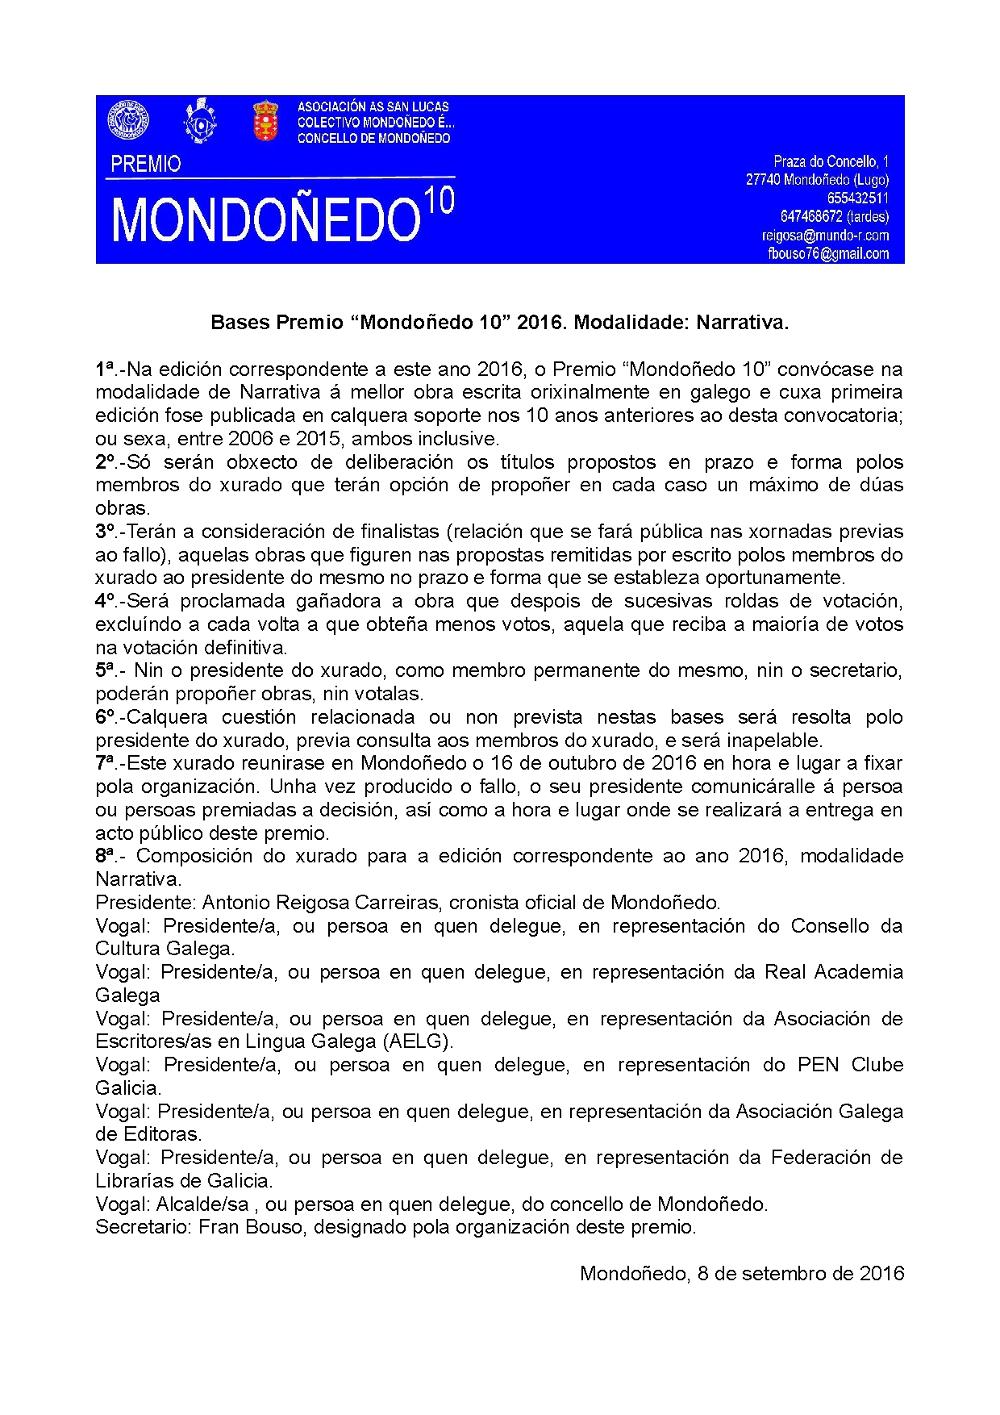 premios-mondonedo-10-2